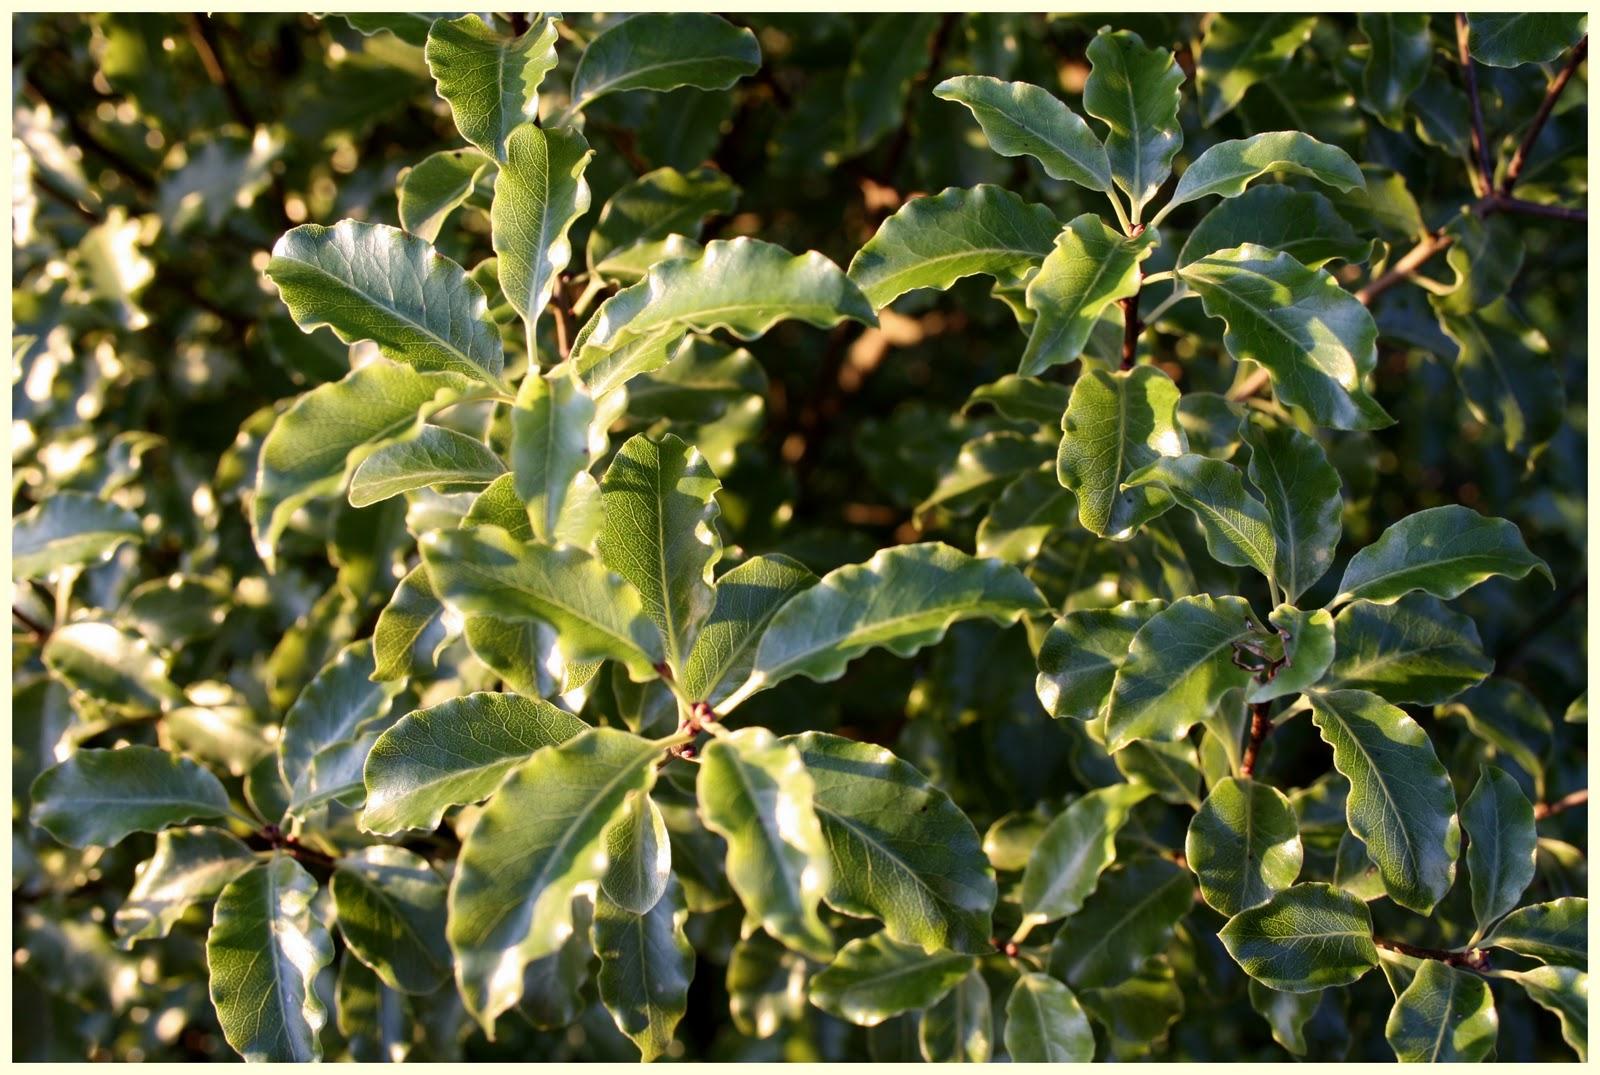 El jard n de margarita pittosporum tenuifolia y azara for Arboles de jardin de hoja perenne